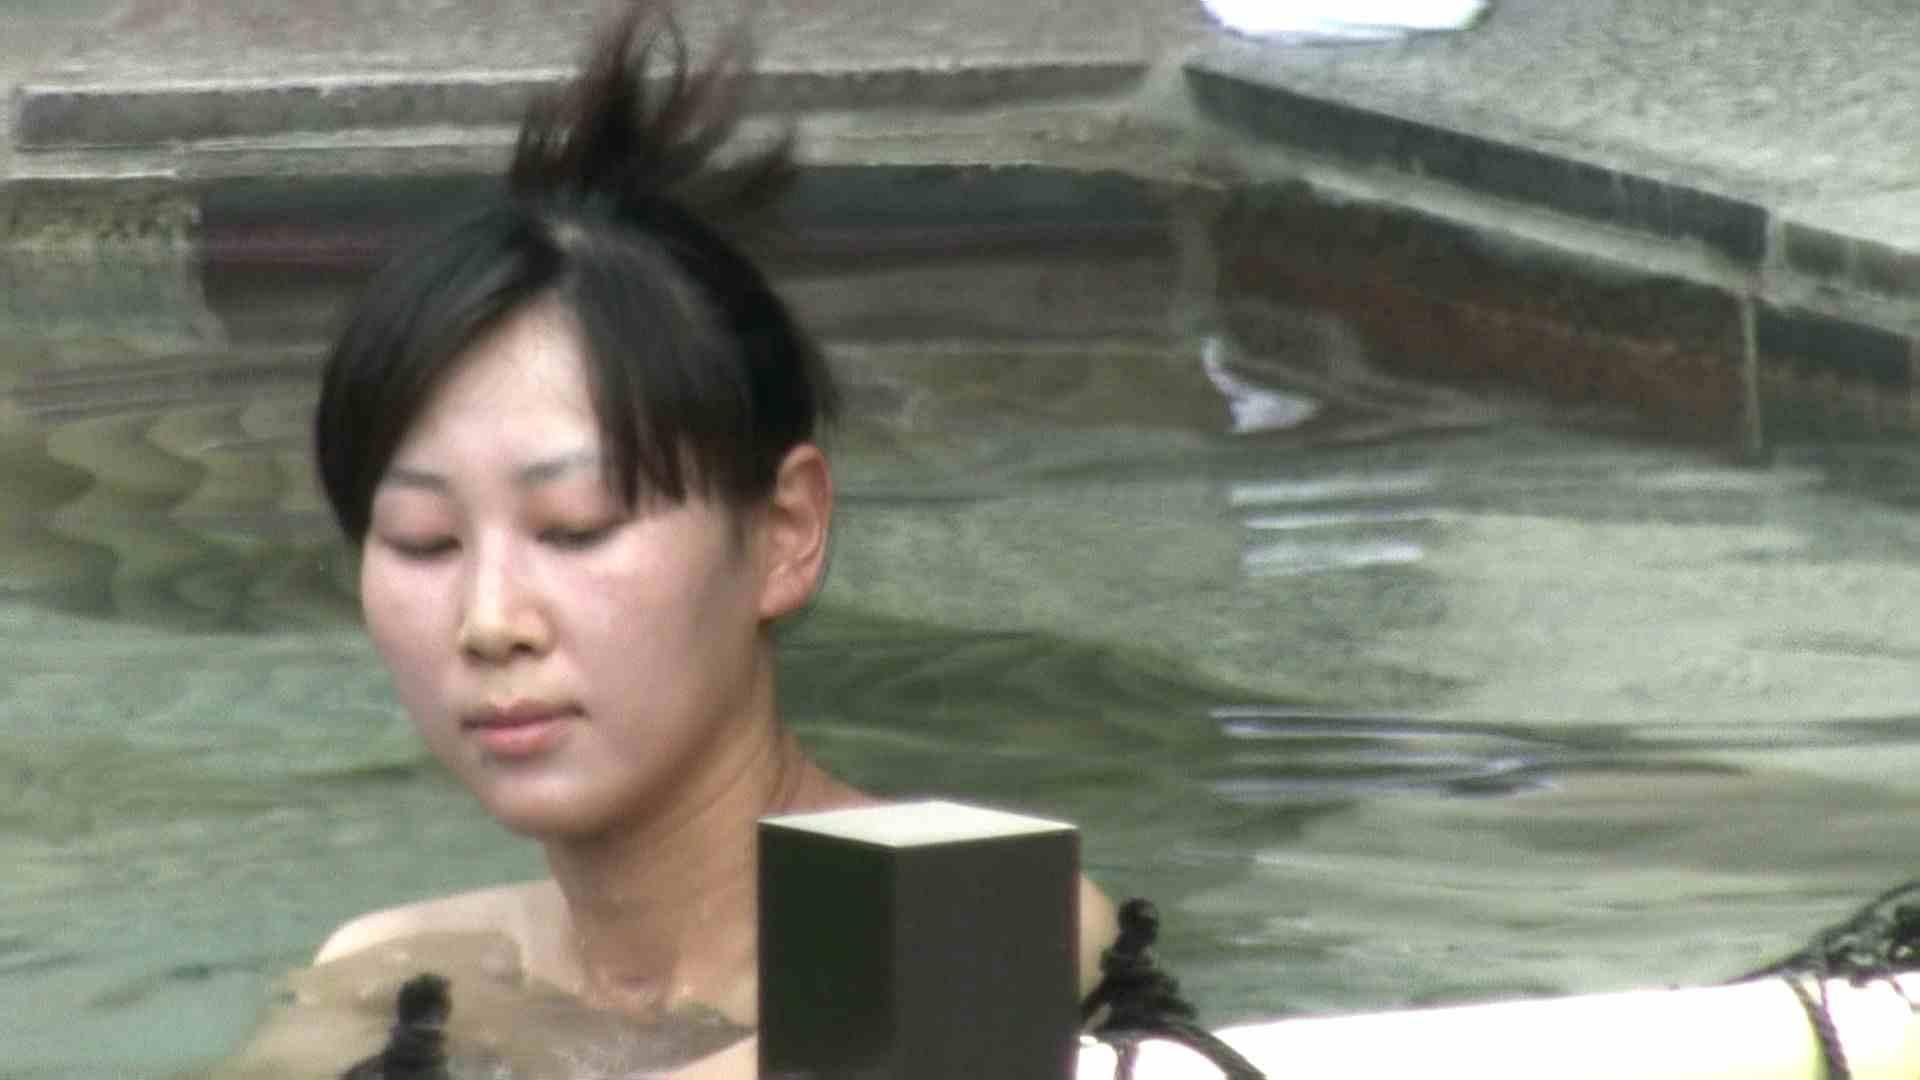 Aquaな露天風呂Vol.665 綺麗なOLたち | 盗撮  85枚 79